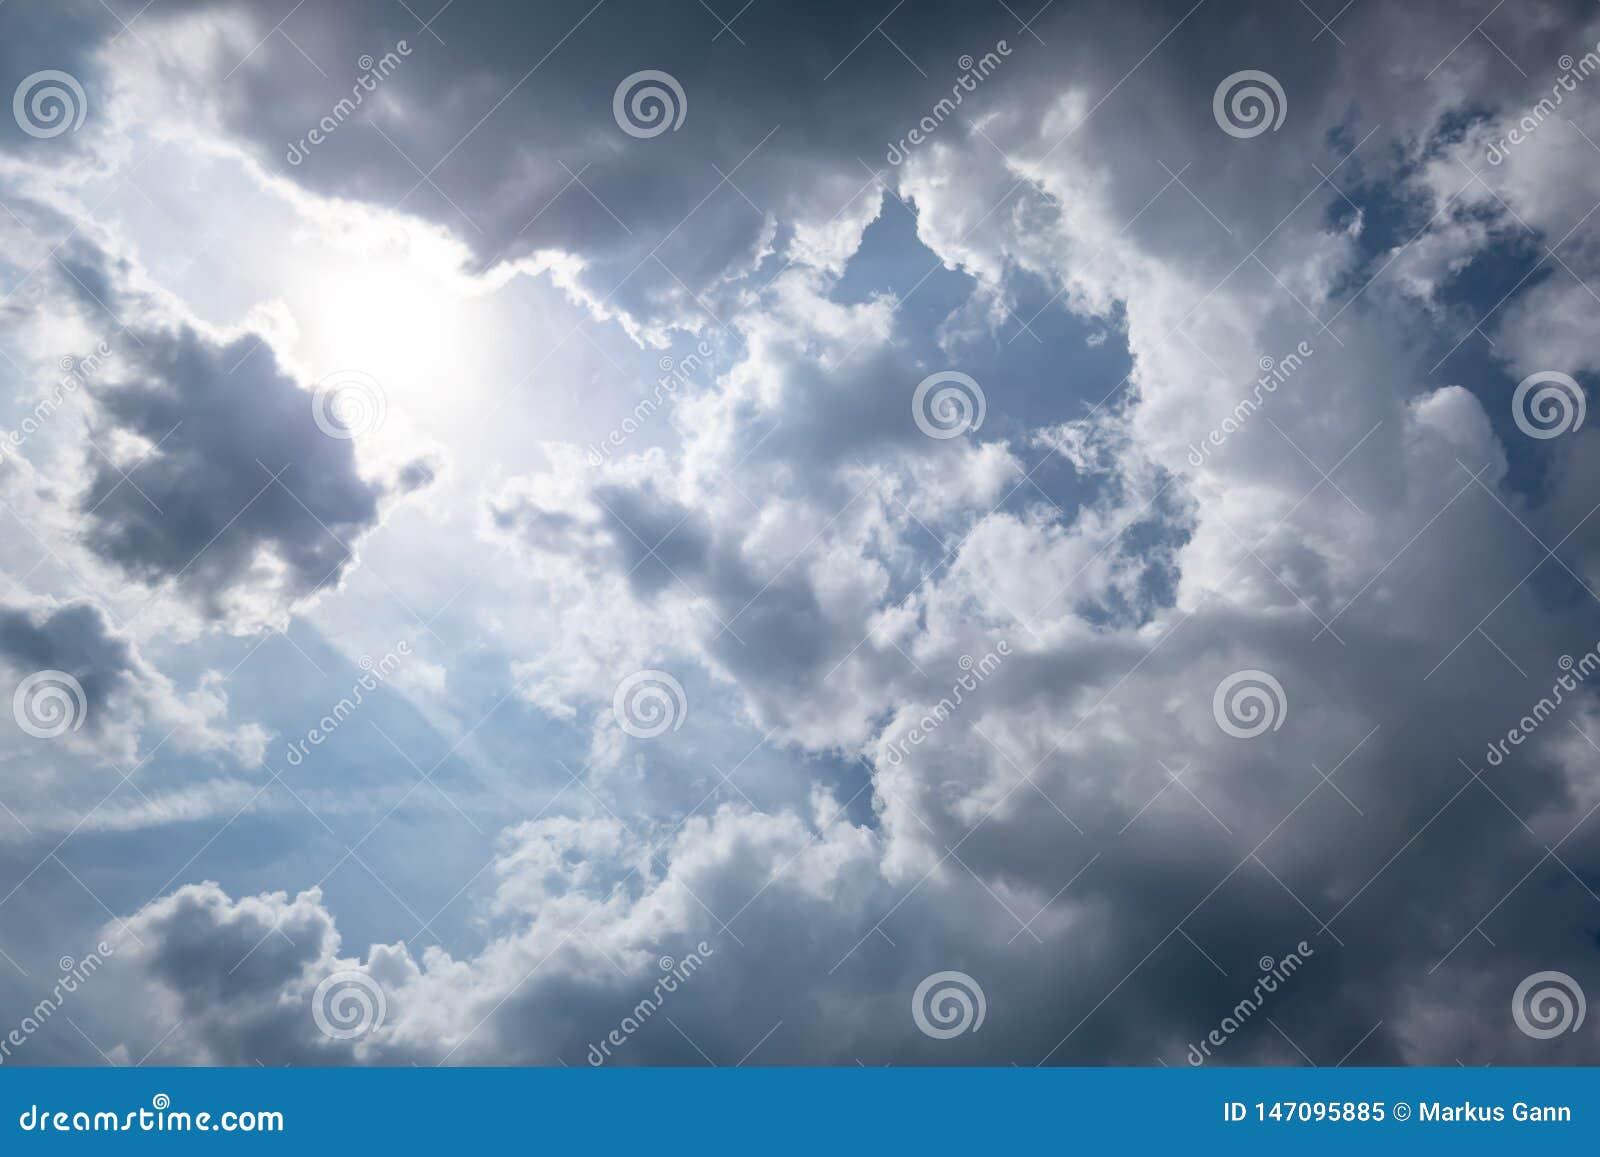 Tiempo del cielo muy nublado